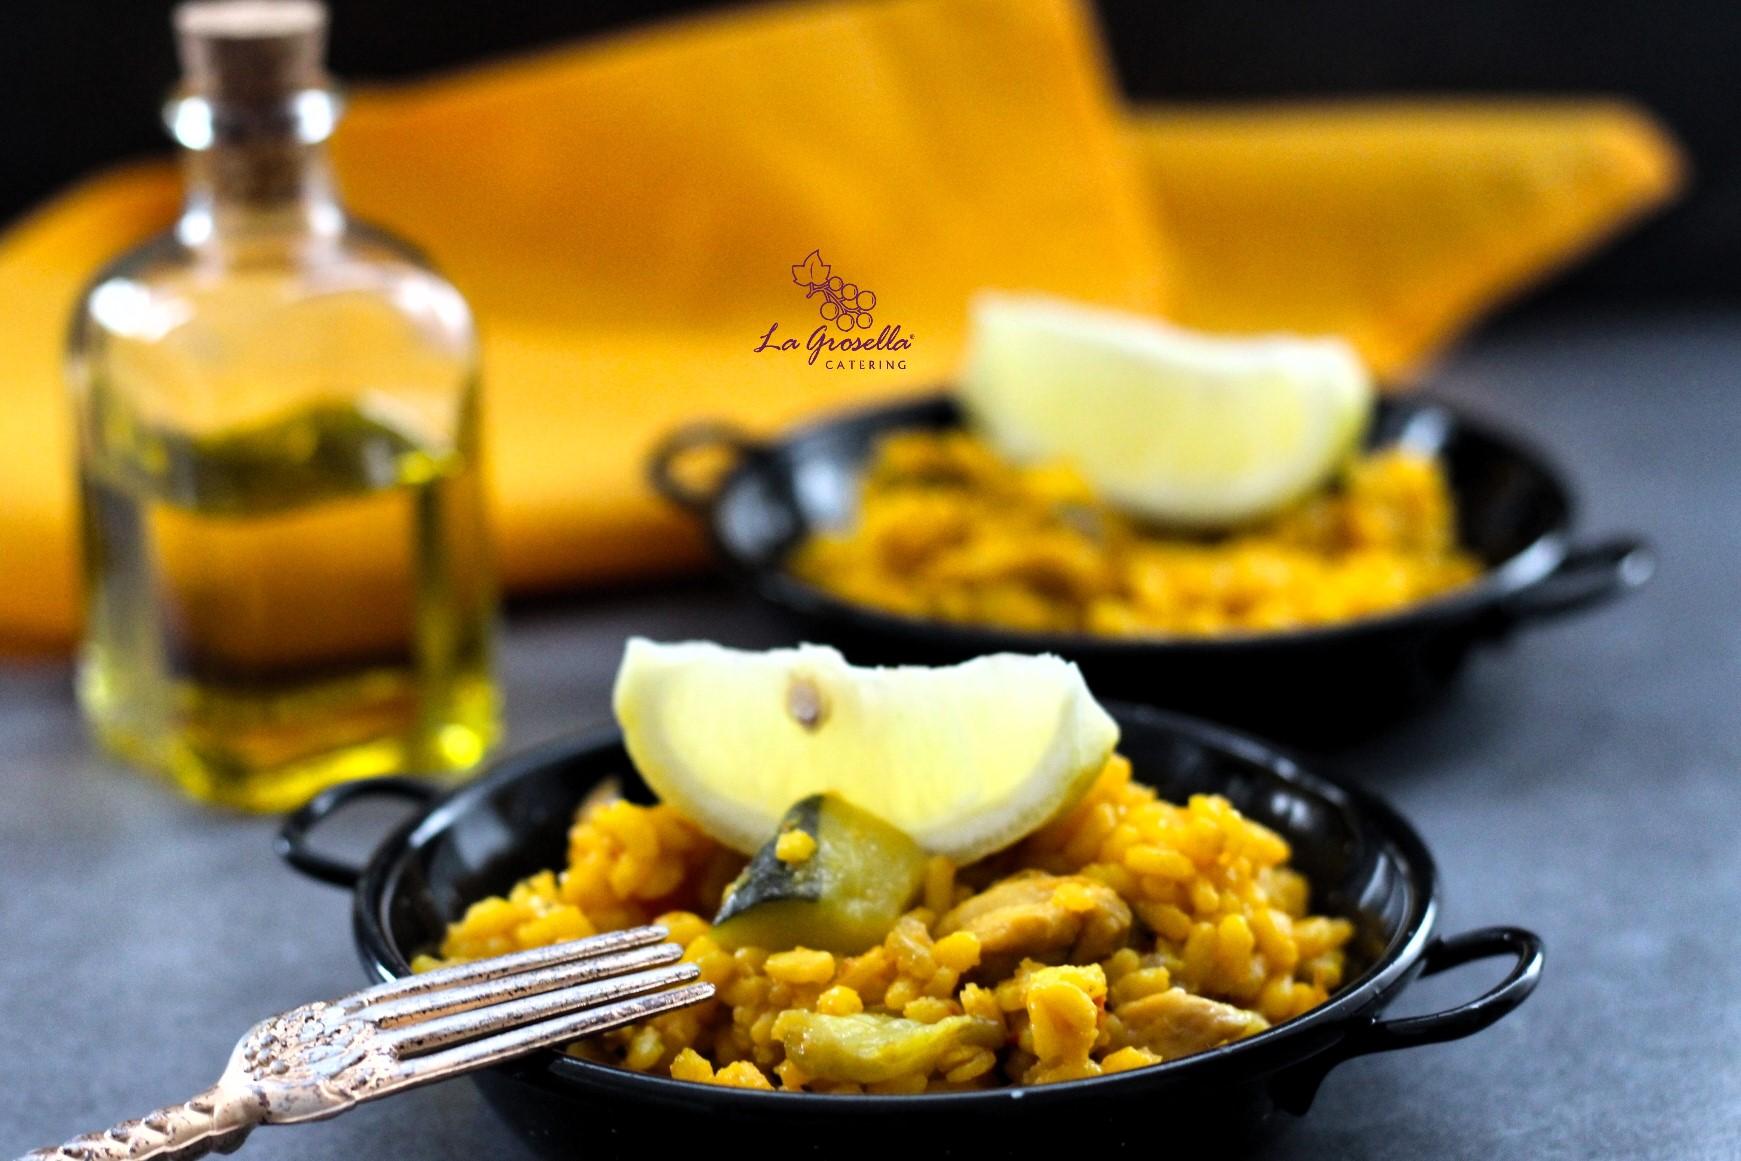 Paella con pollo y verduras